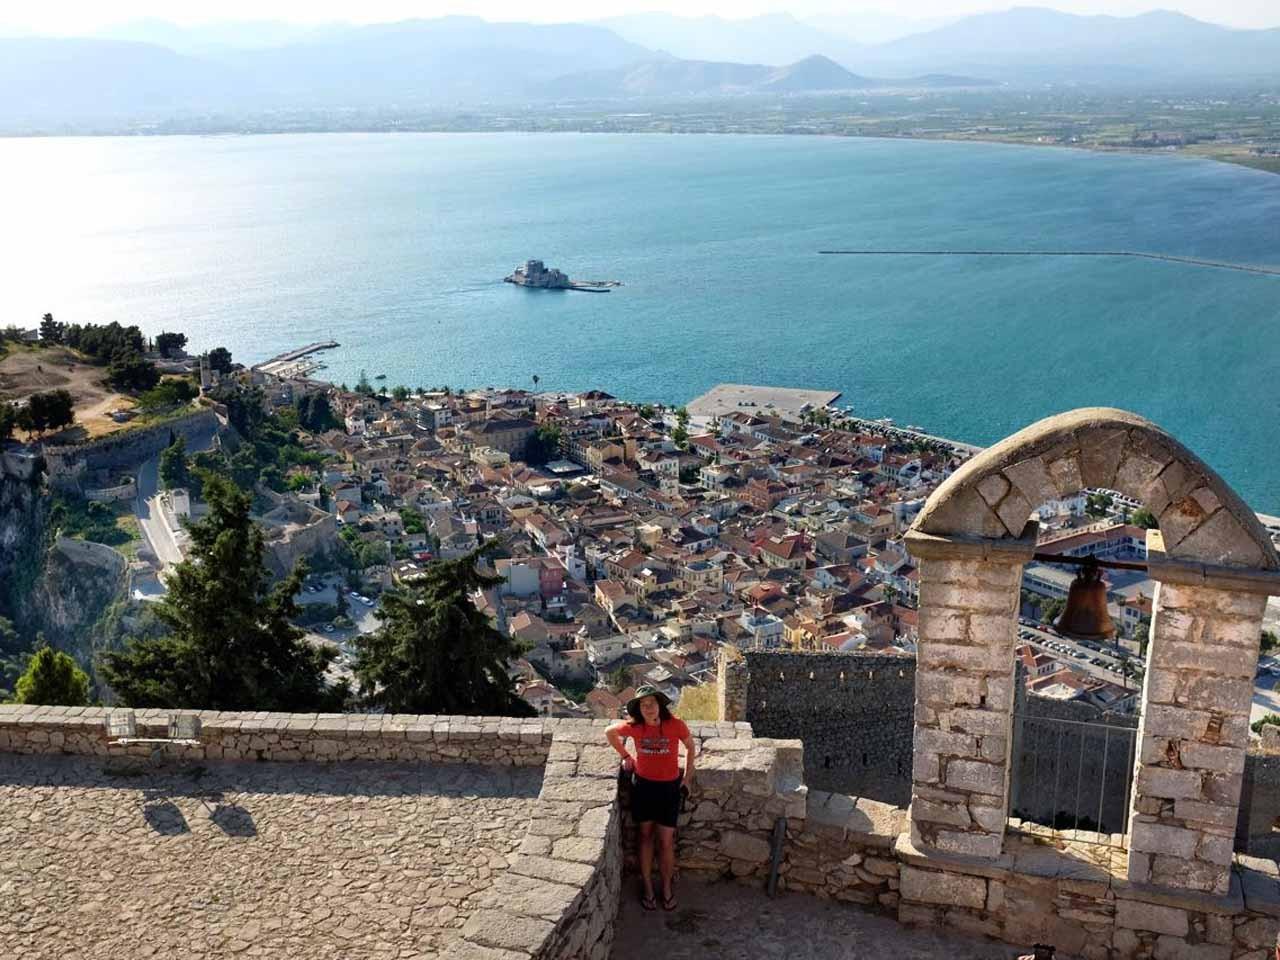 Traumhaft der Palamidi-Blick über die Stadt Nafplion, Peloponnes